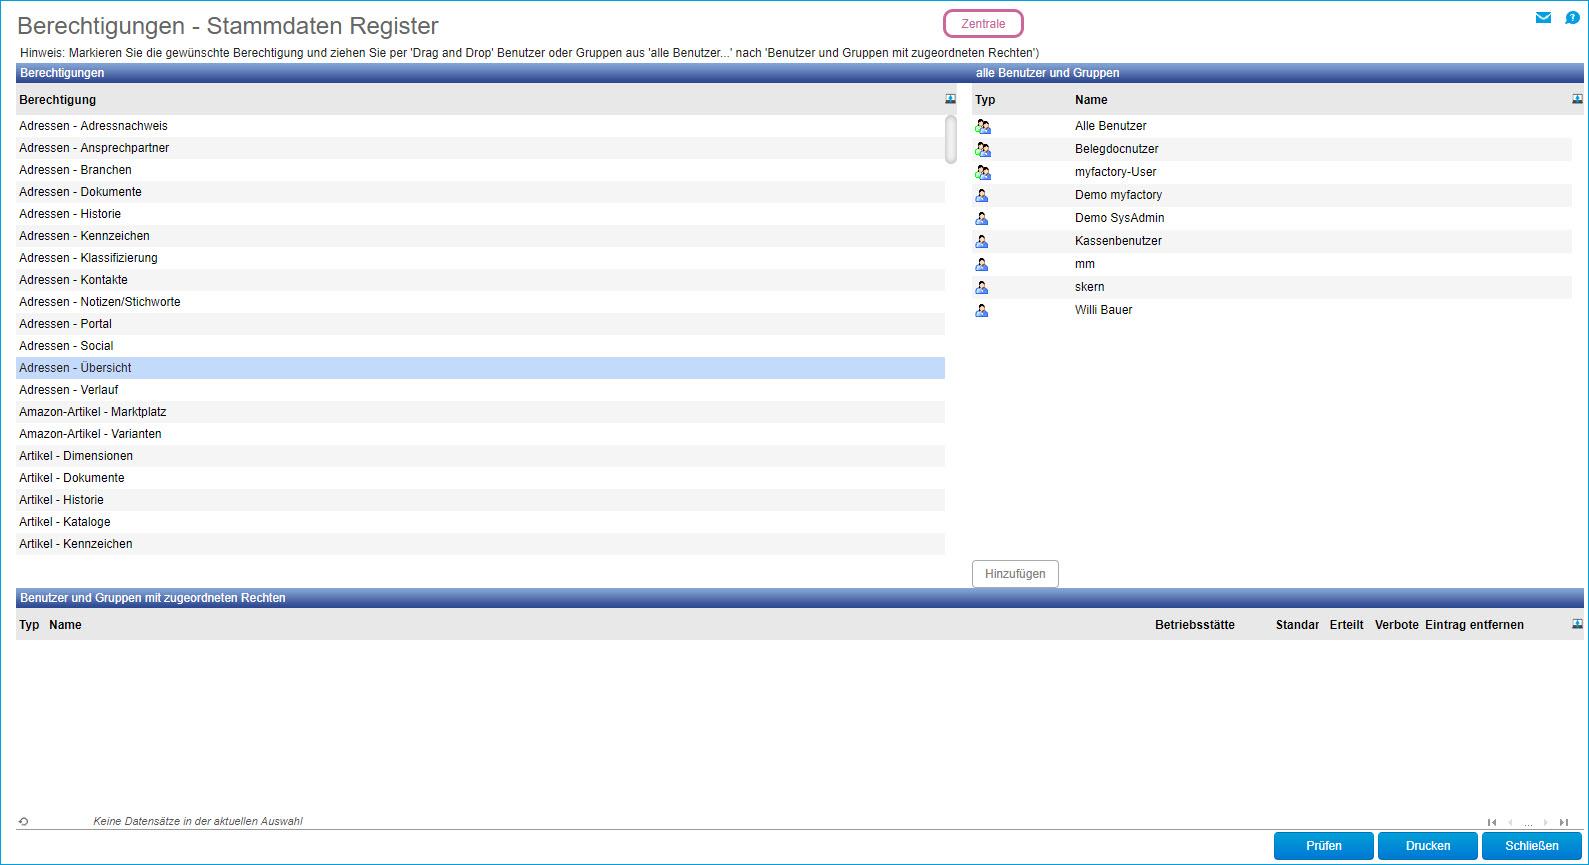 Stammdaten-Register 0